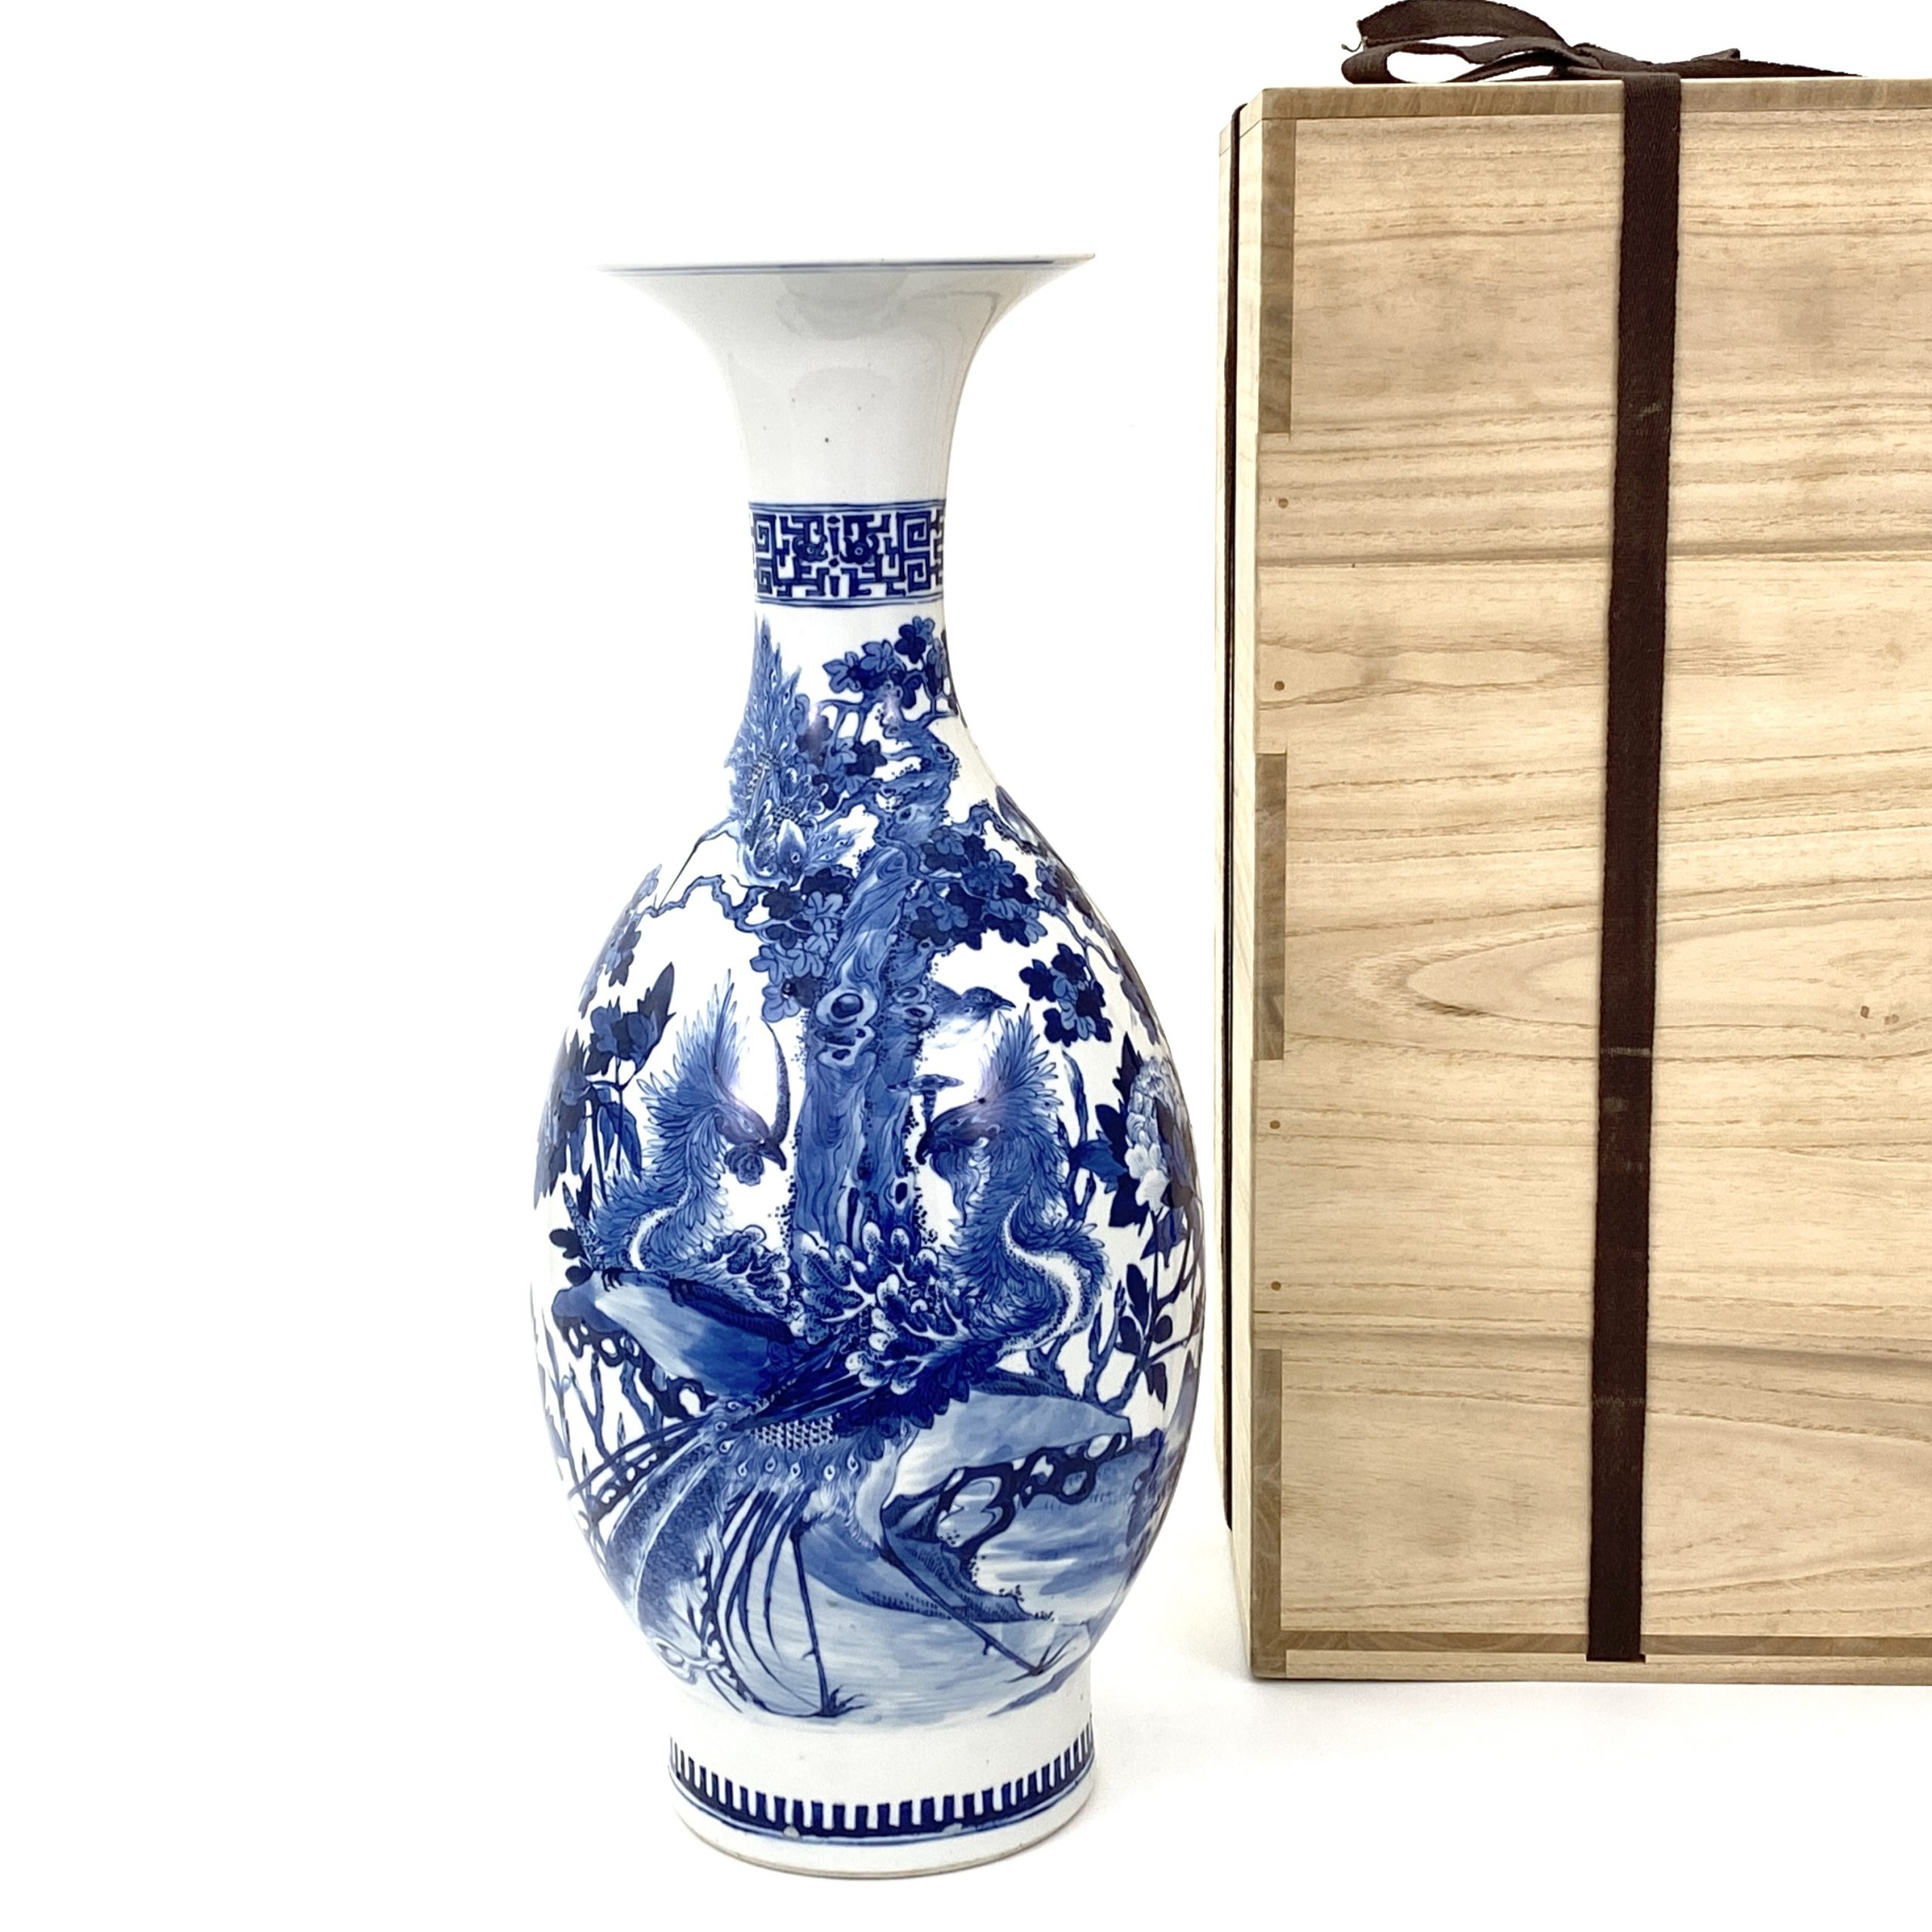 21667清「大清康煕年製」款 青花 花鳥図 瓶